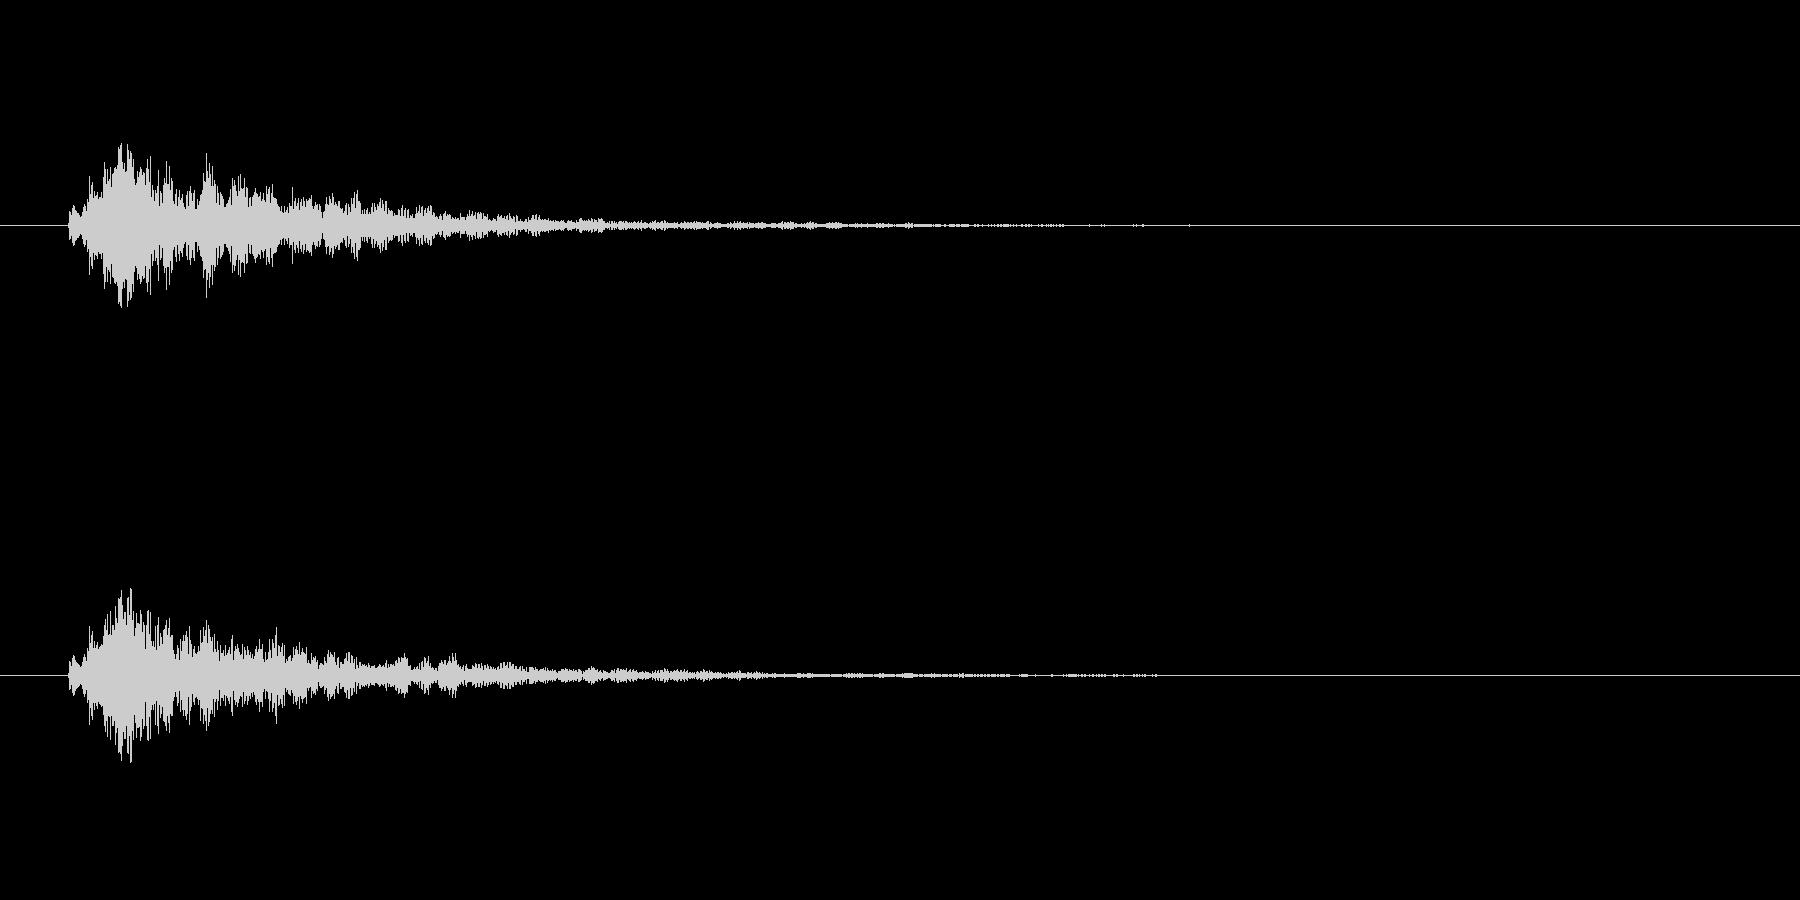 【スポットライト01-1】の未再生の波形